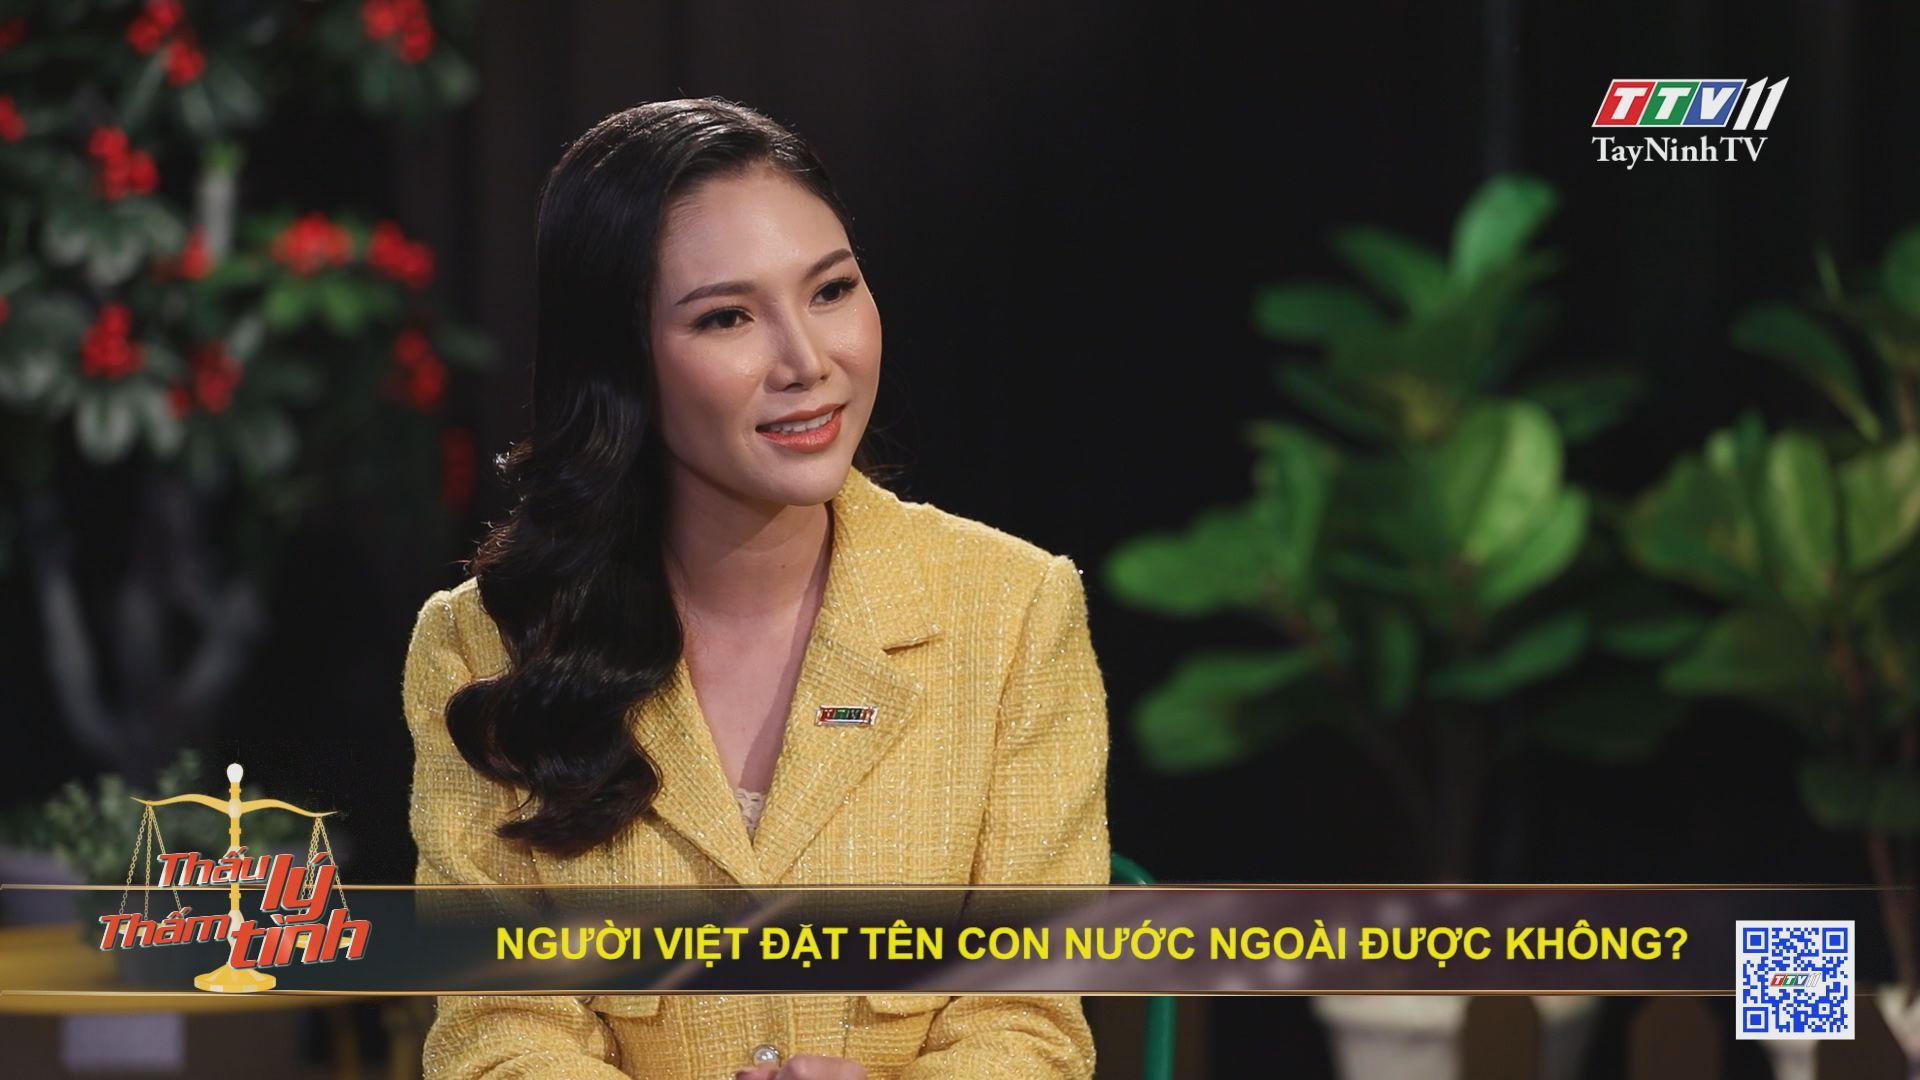 Người Việt đặt tên con nước ngoài được không? | THẤU LÝ THẤM TÌNH | TayNinhTVE